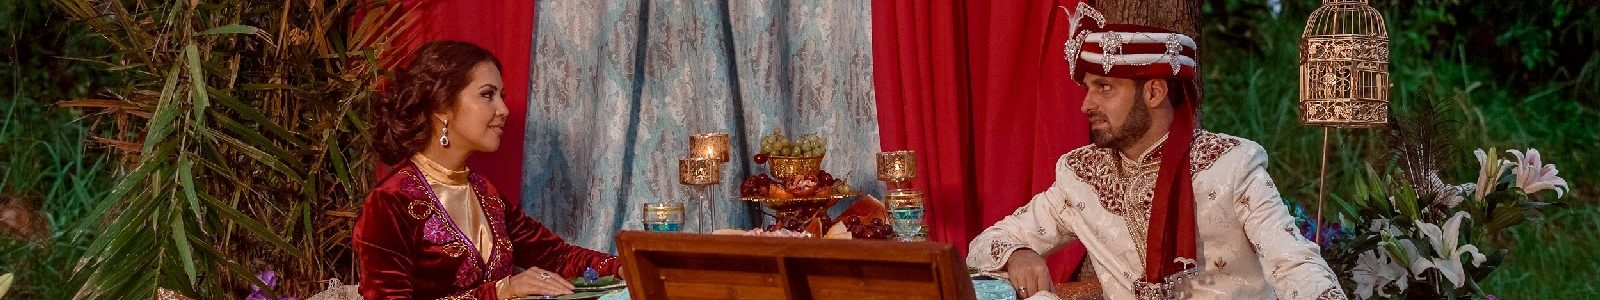 Восточная свадебная сказка: как оформить незабываемый праздник для Жасмин и Аладдина.